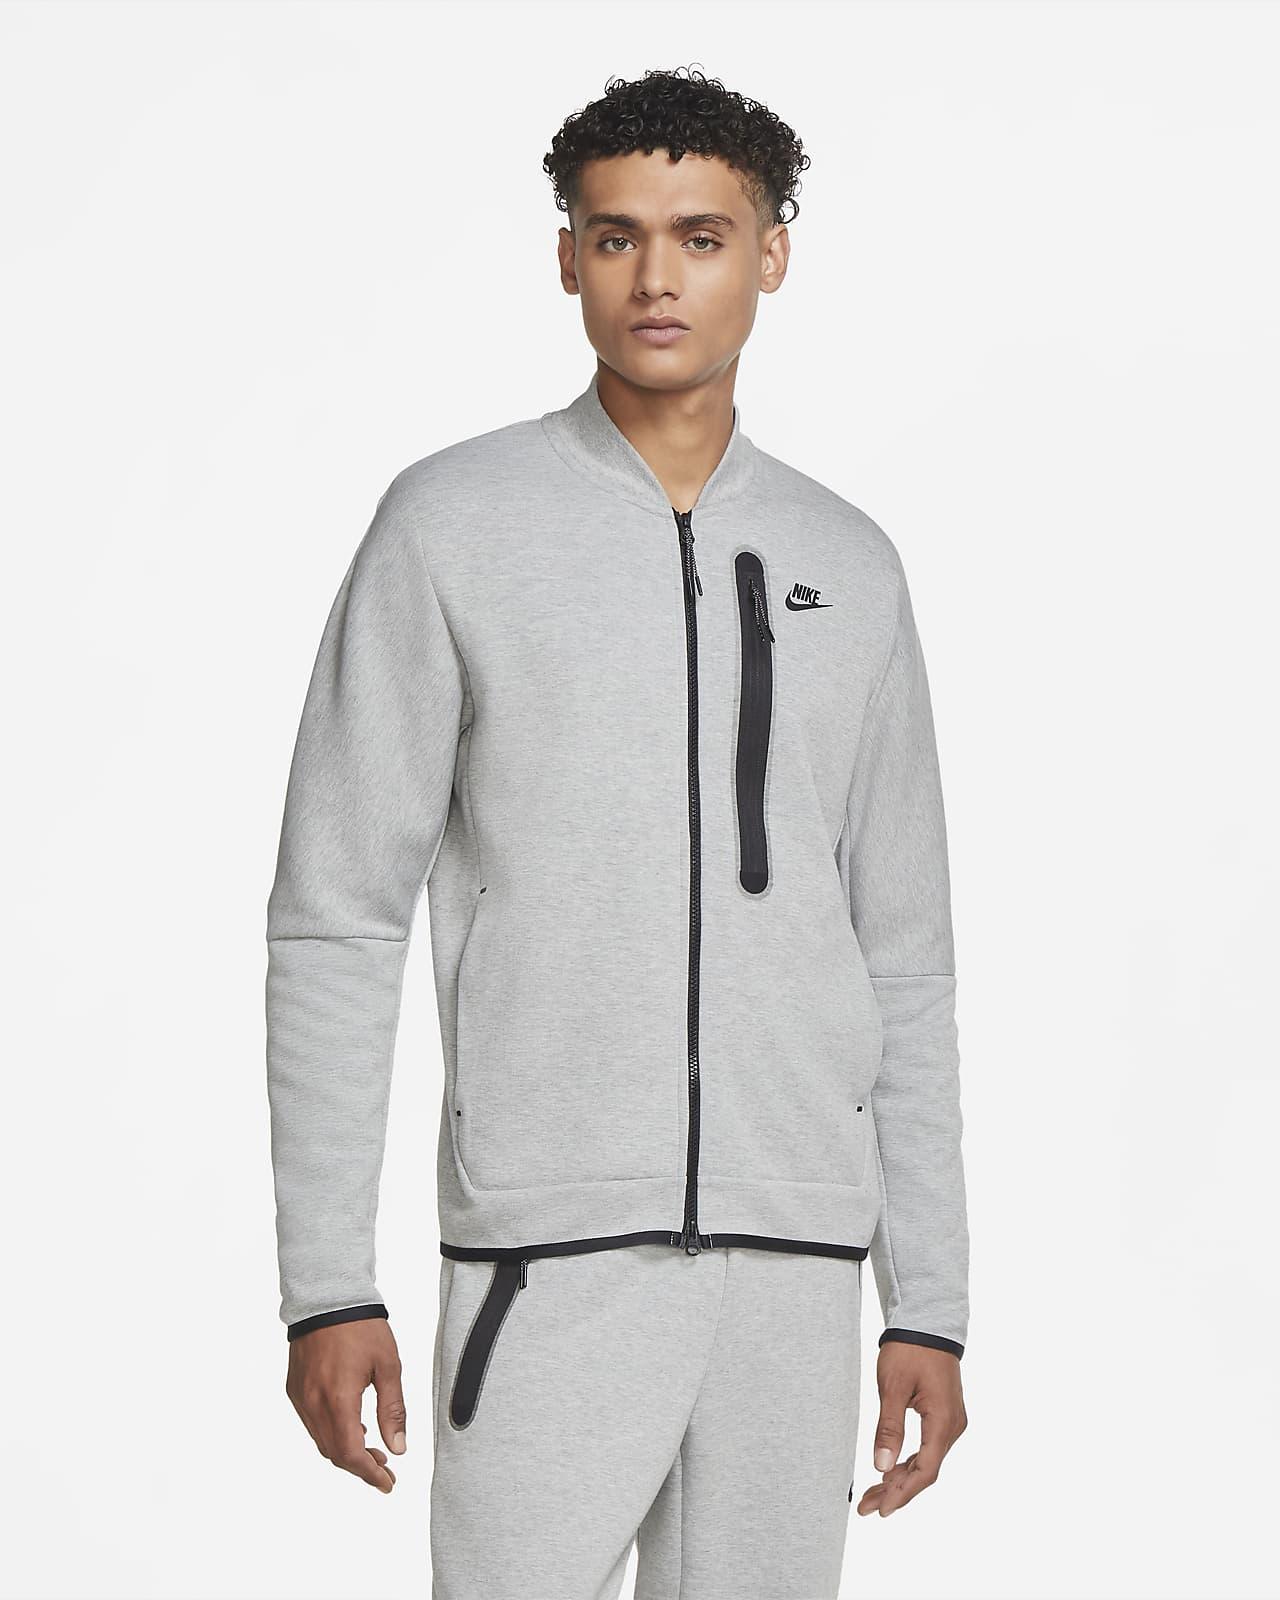 เสื้อบอมเบอร์ผู้ชาย Nike Sportswear Tech Fleece